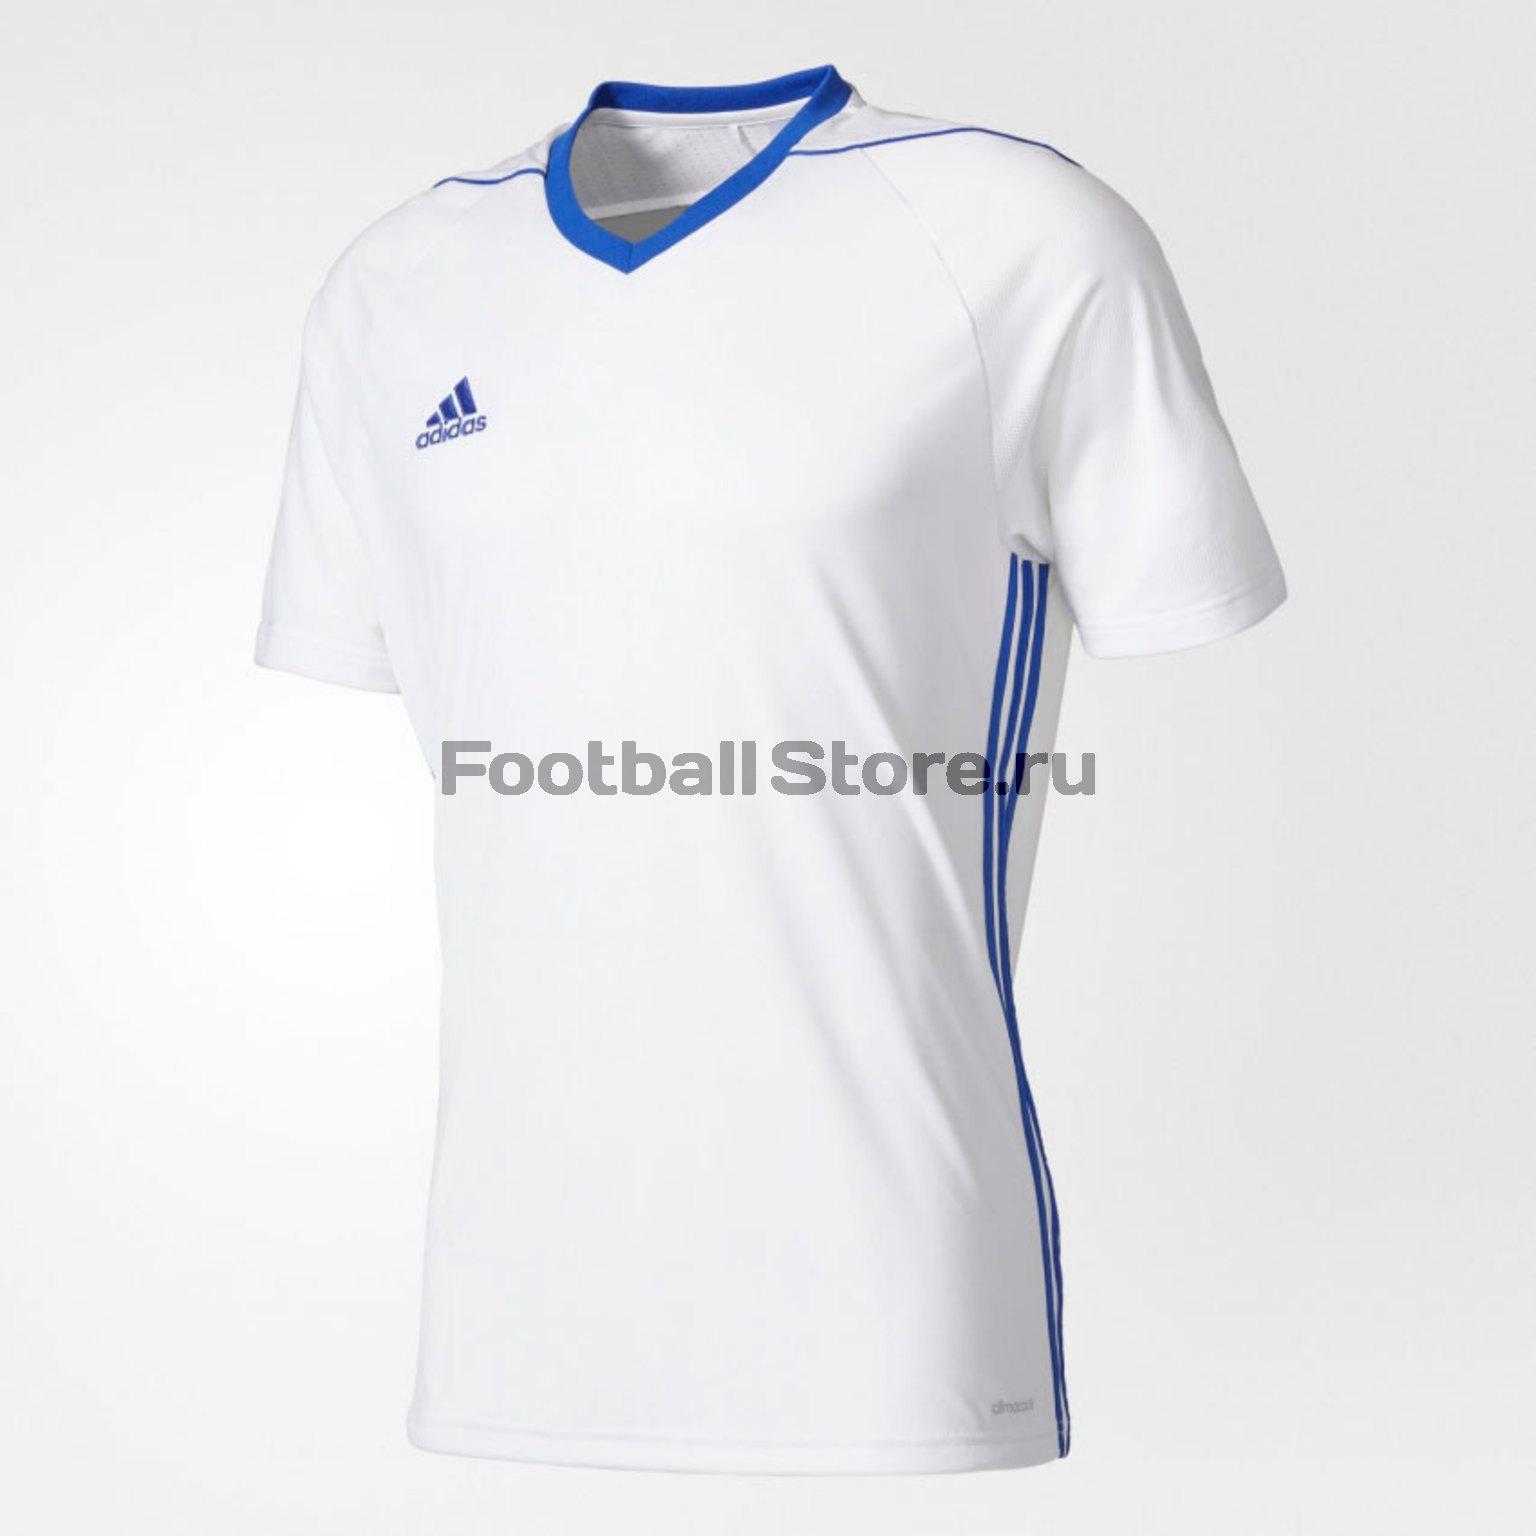 Футболка игровая Adidas Tiro17 JSY BK5434 футболка игровая nike dry tiempo prem jsy ss 894230 057